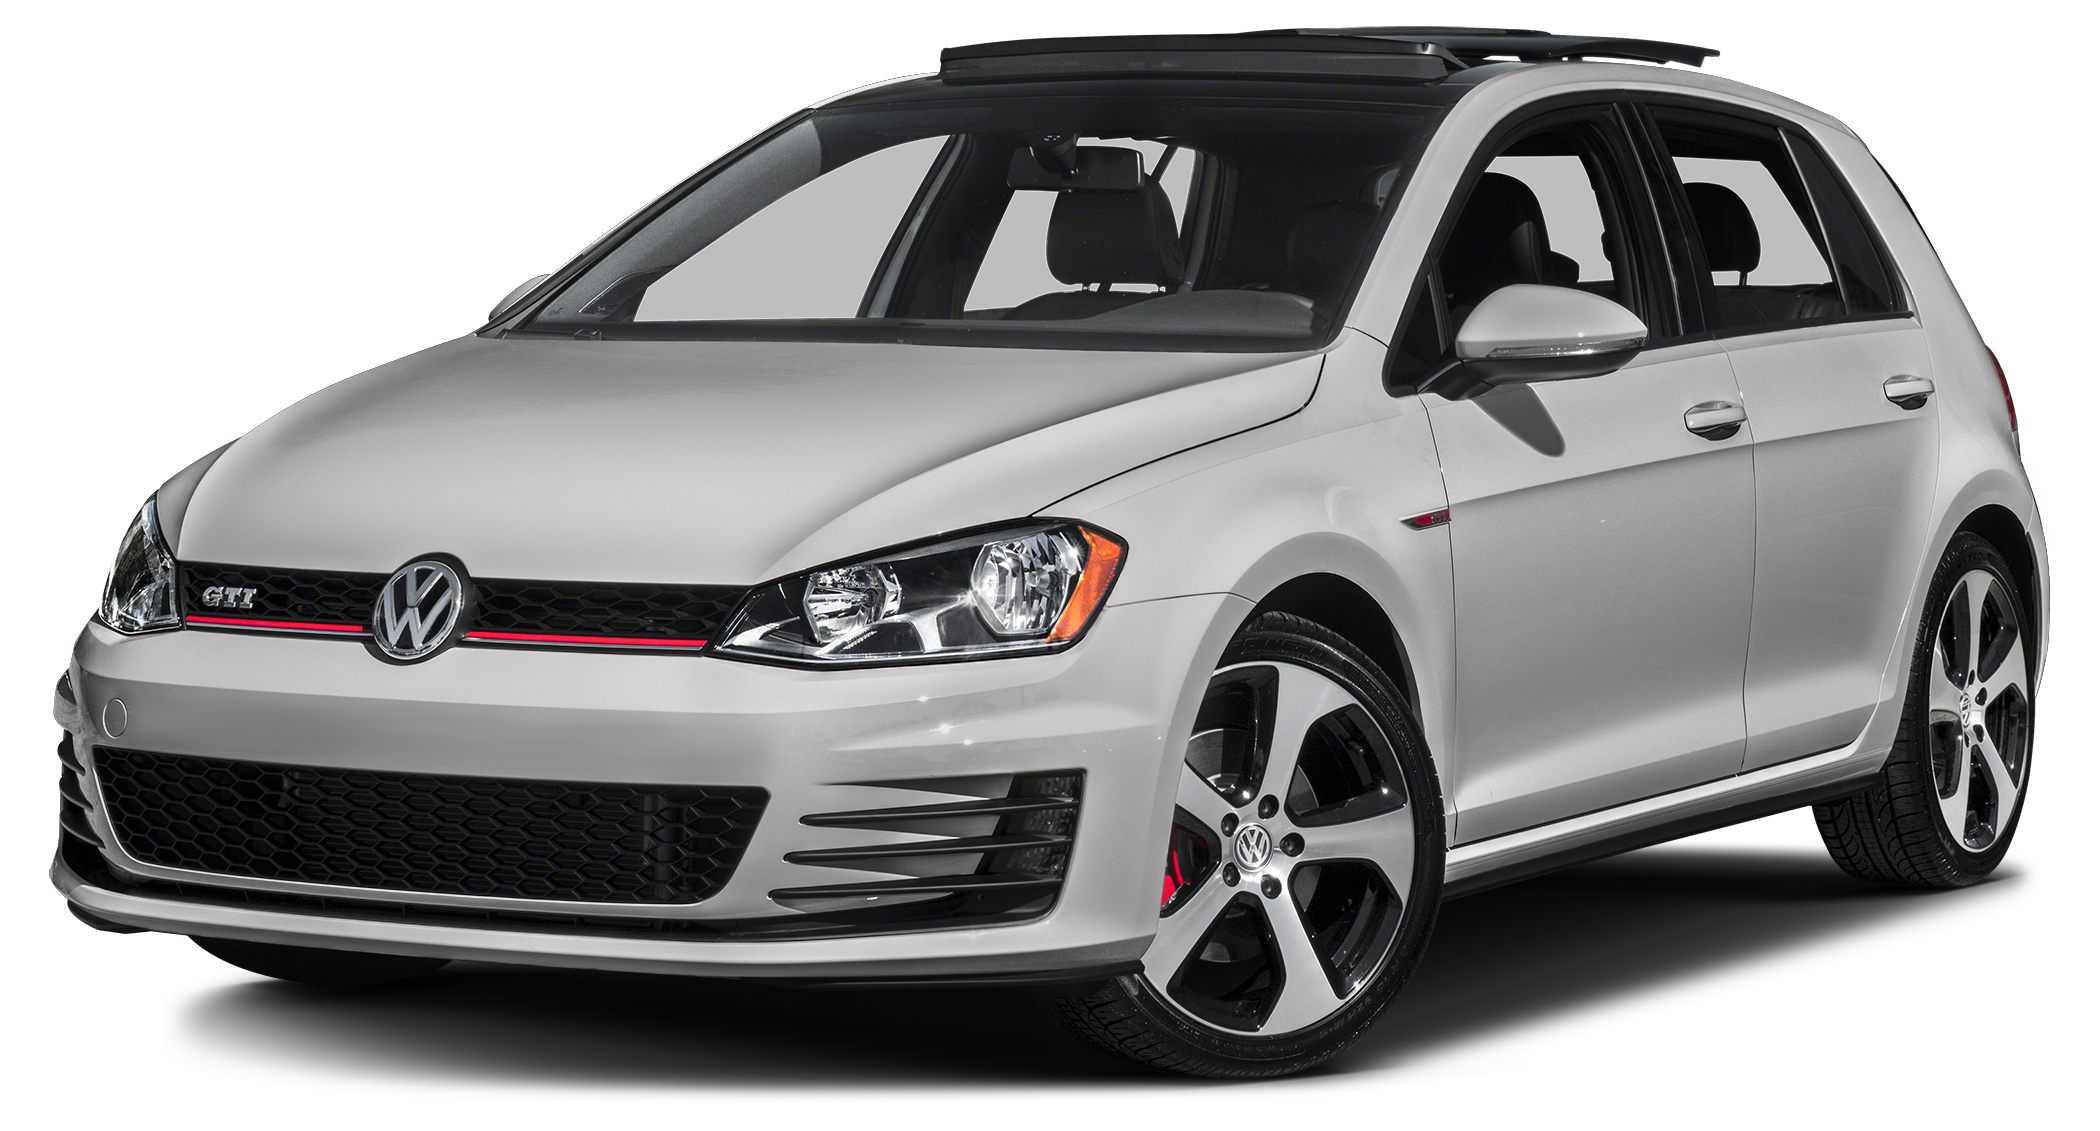 2017 Volkswagen Golf Gti For Sale In Boise Id